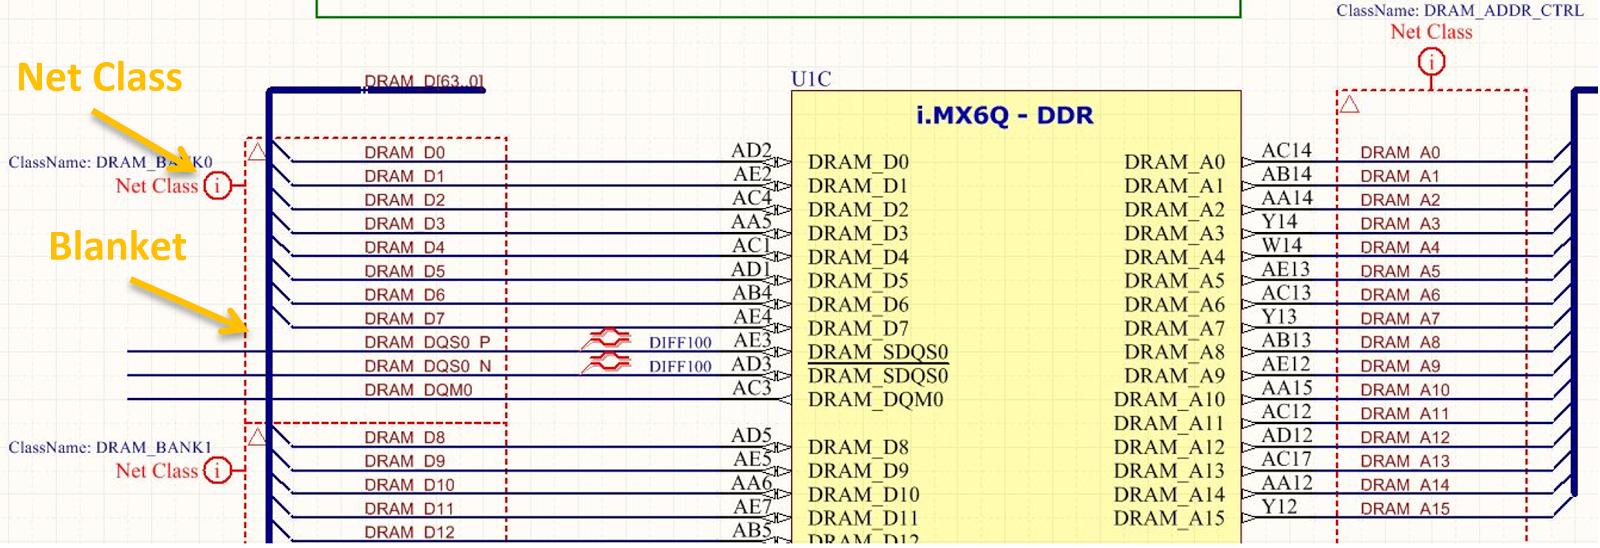 Figura 2: Las cajas y directrices de PCB se utilizan para crear grupos de clases de mallas para pautas de enrutado de memoria DDR3